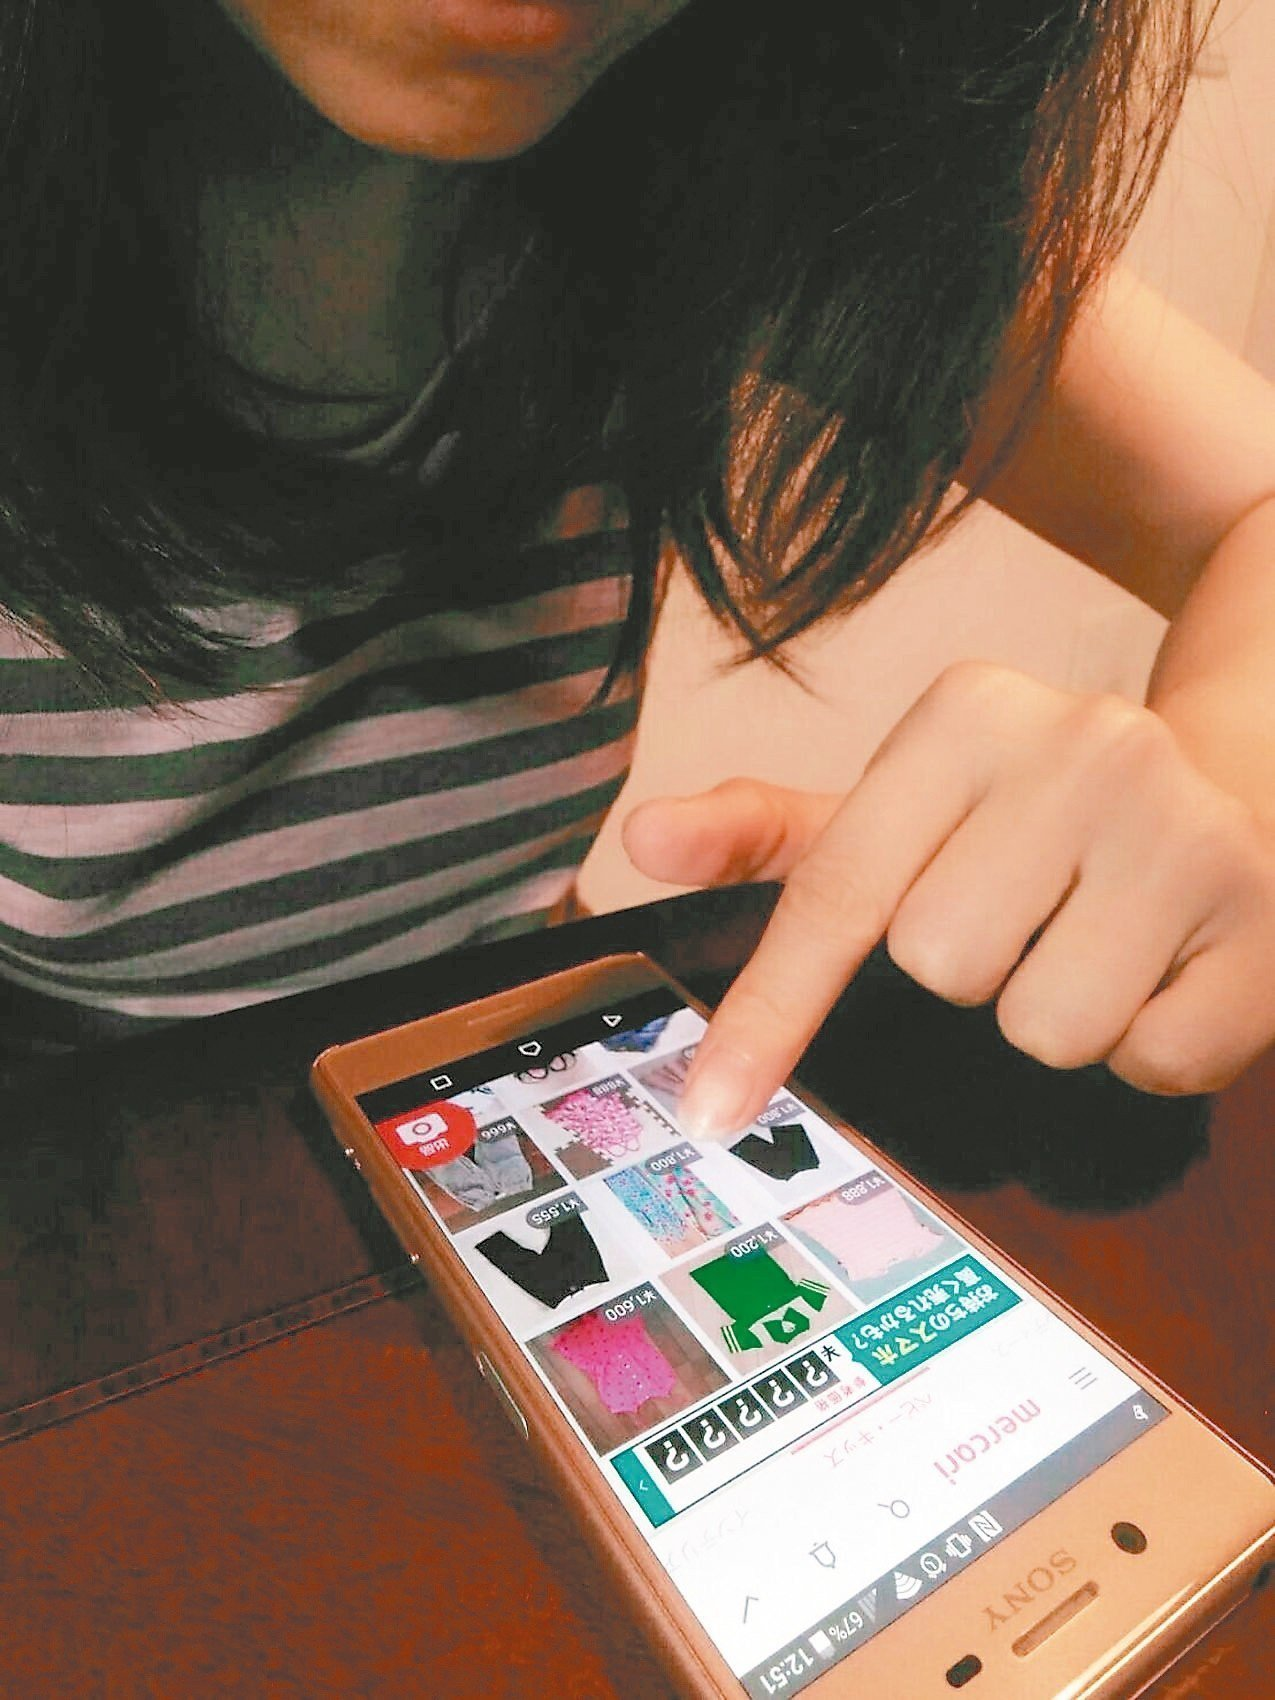 共享經濟夯,「以轉手出售為前提」成為日本次世代的消費文化,透過二手商品交易App...